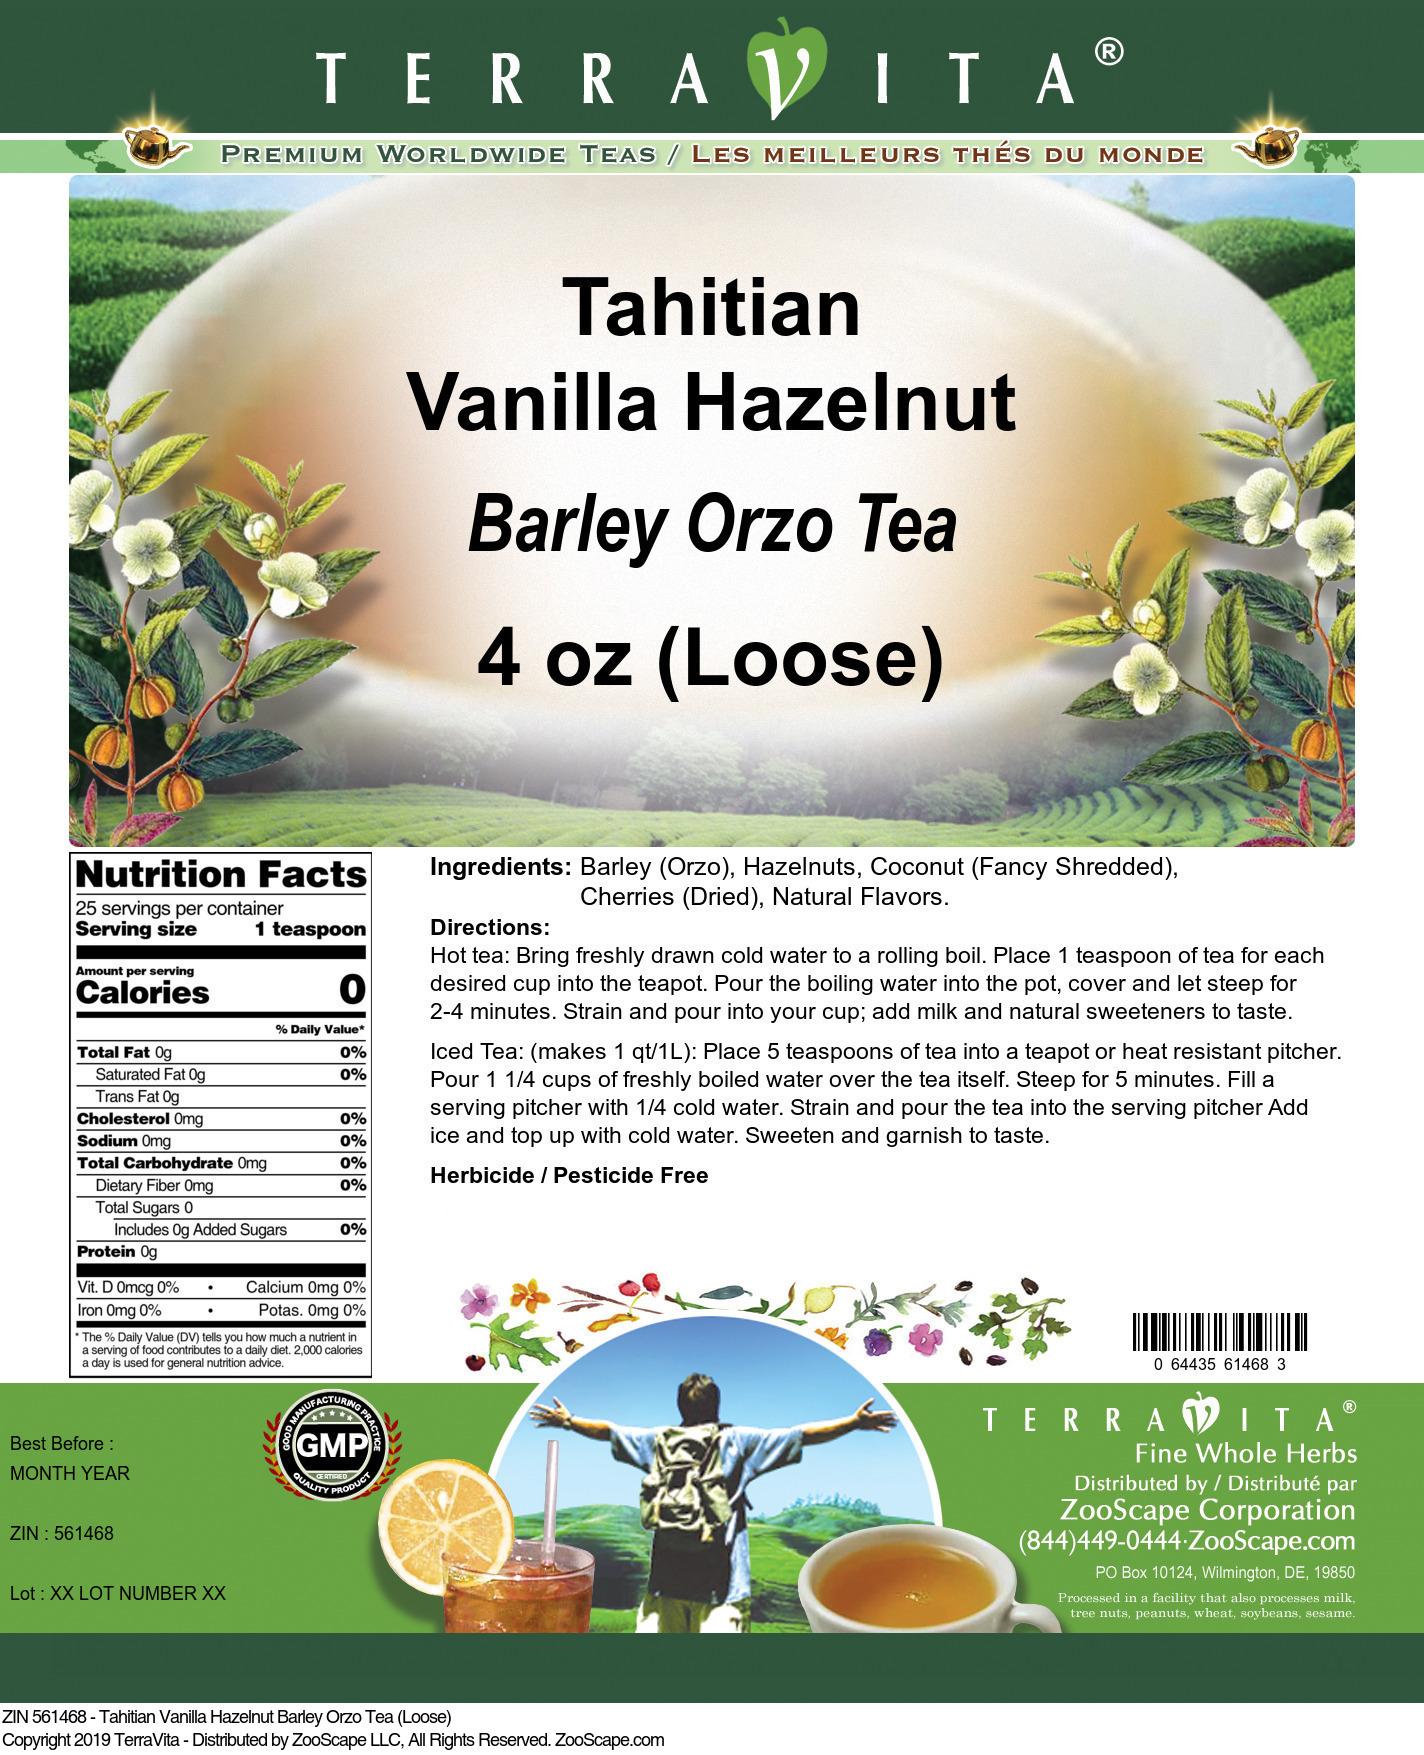 Tahitian Vanilla Hazelnut Barley Orzo Tea (Loose)